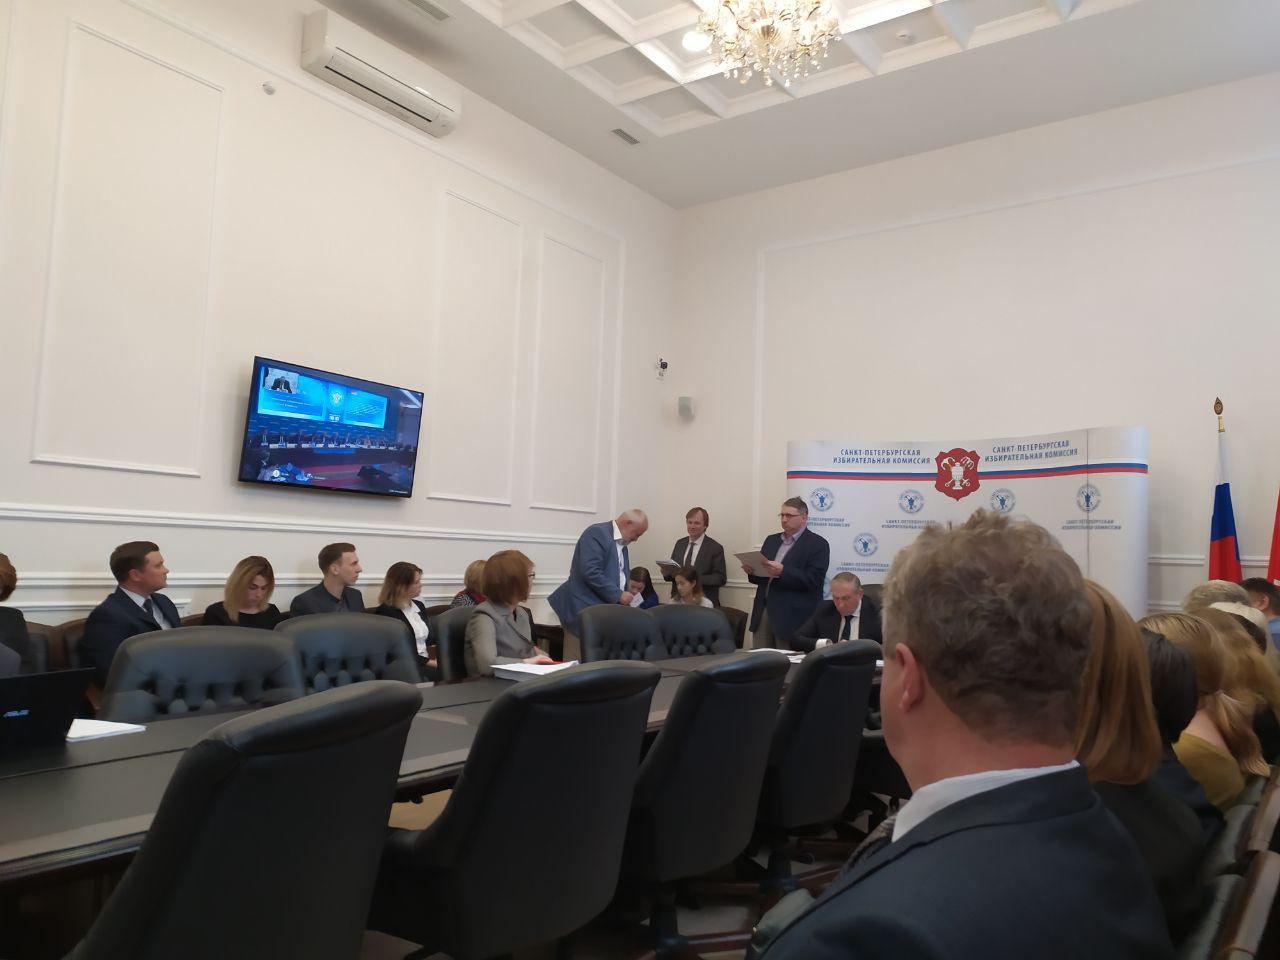 фото ЗакС политика Горизбирком утвердил распределение эфирного времени между кандидатами в губернаторы